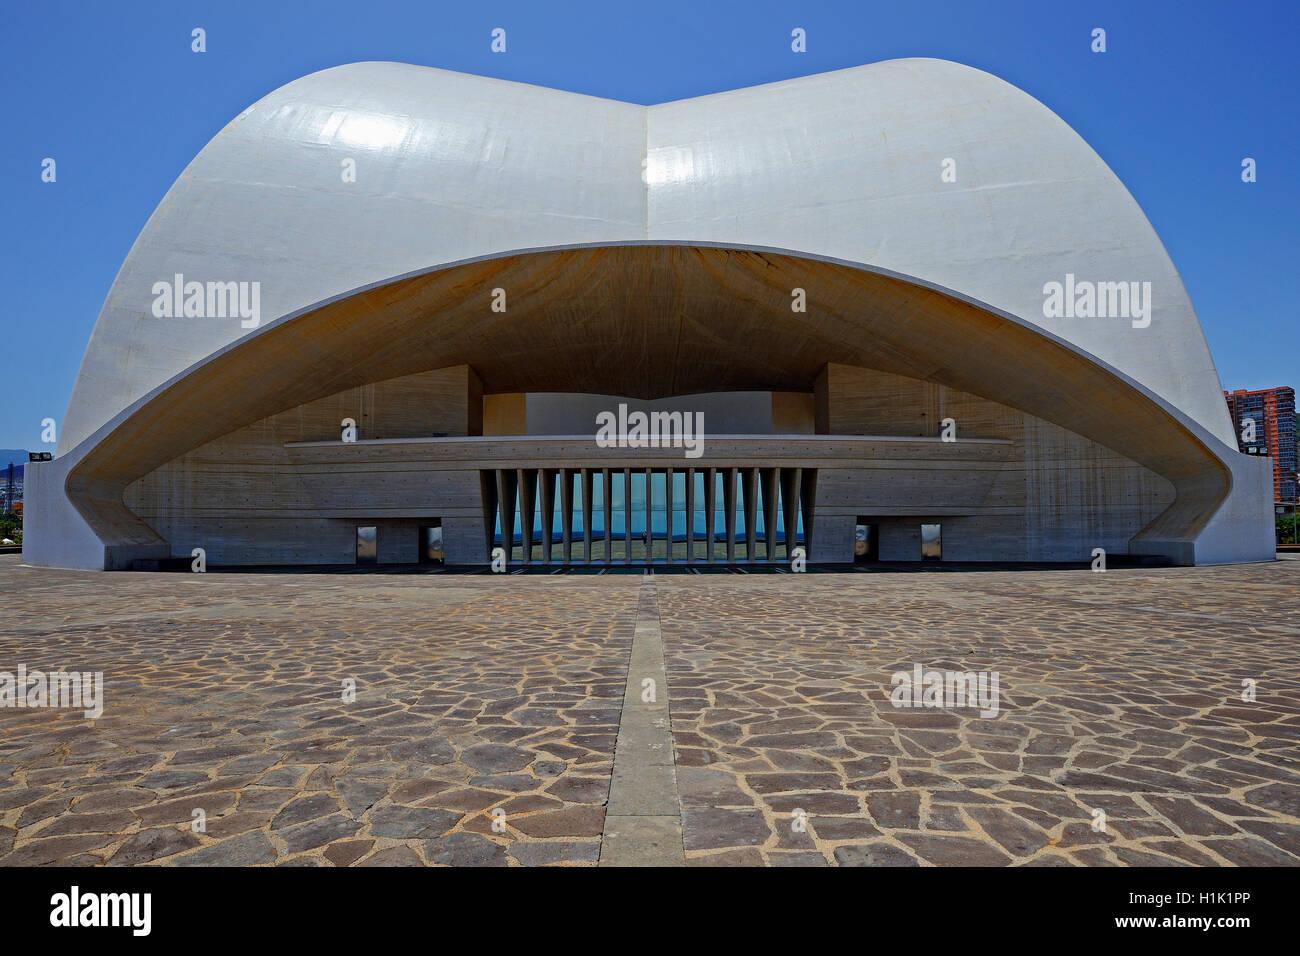 Auditorio de Tenerife, Architekt Santiago Calatrava, Santa Cruz de Tenerife, Teneriffa, Kanarische Inseln, Spanien - Stock Image